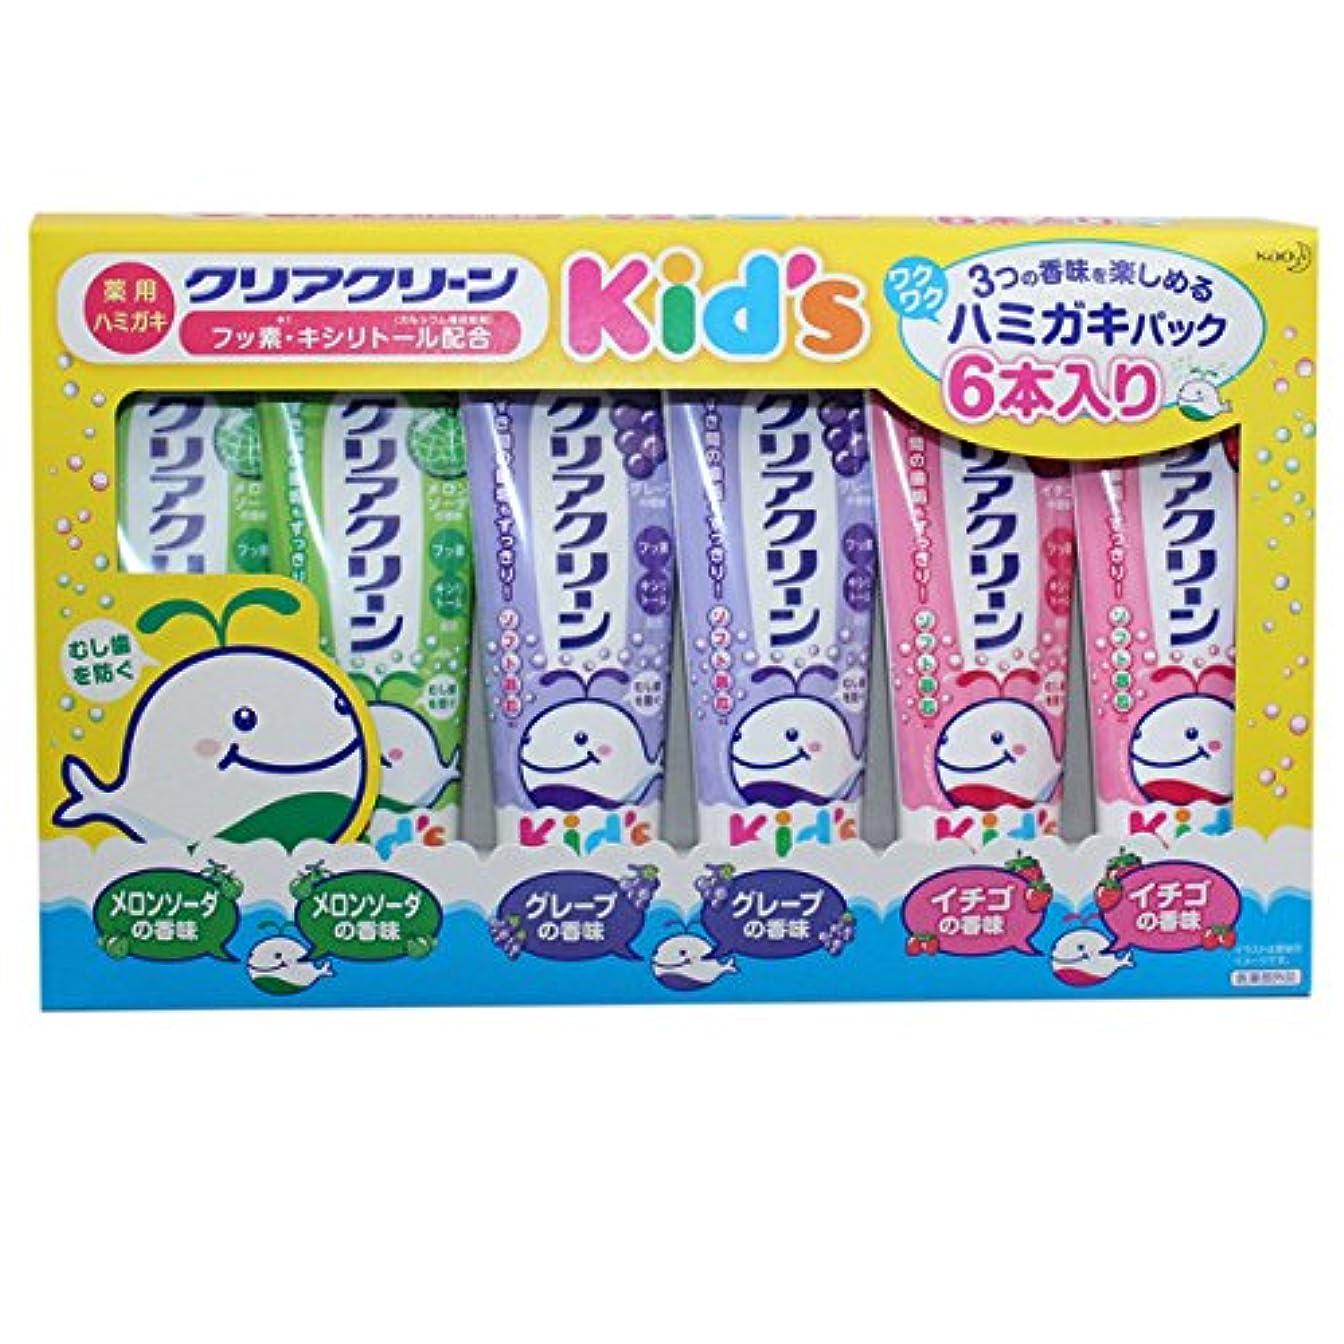 おばさんショートカット示すクリアクリーン kids 70gx6本セット 3つの香味を楽しめる(メロンソーダ/グレープ/イチゴ) 子供用歯磨き粉